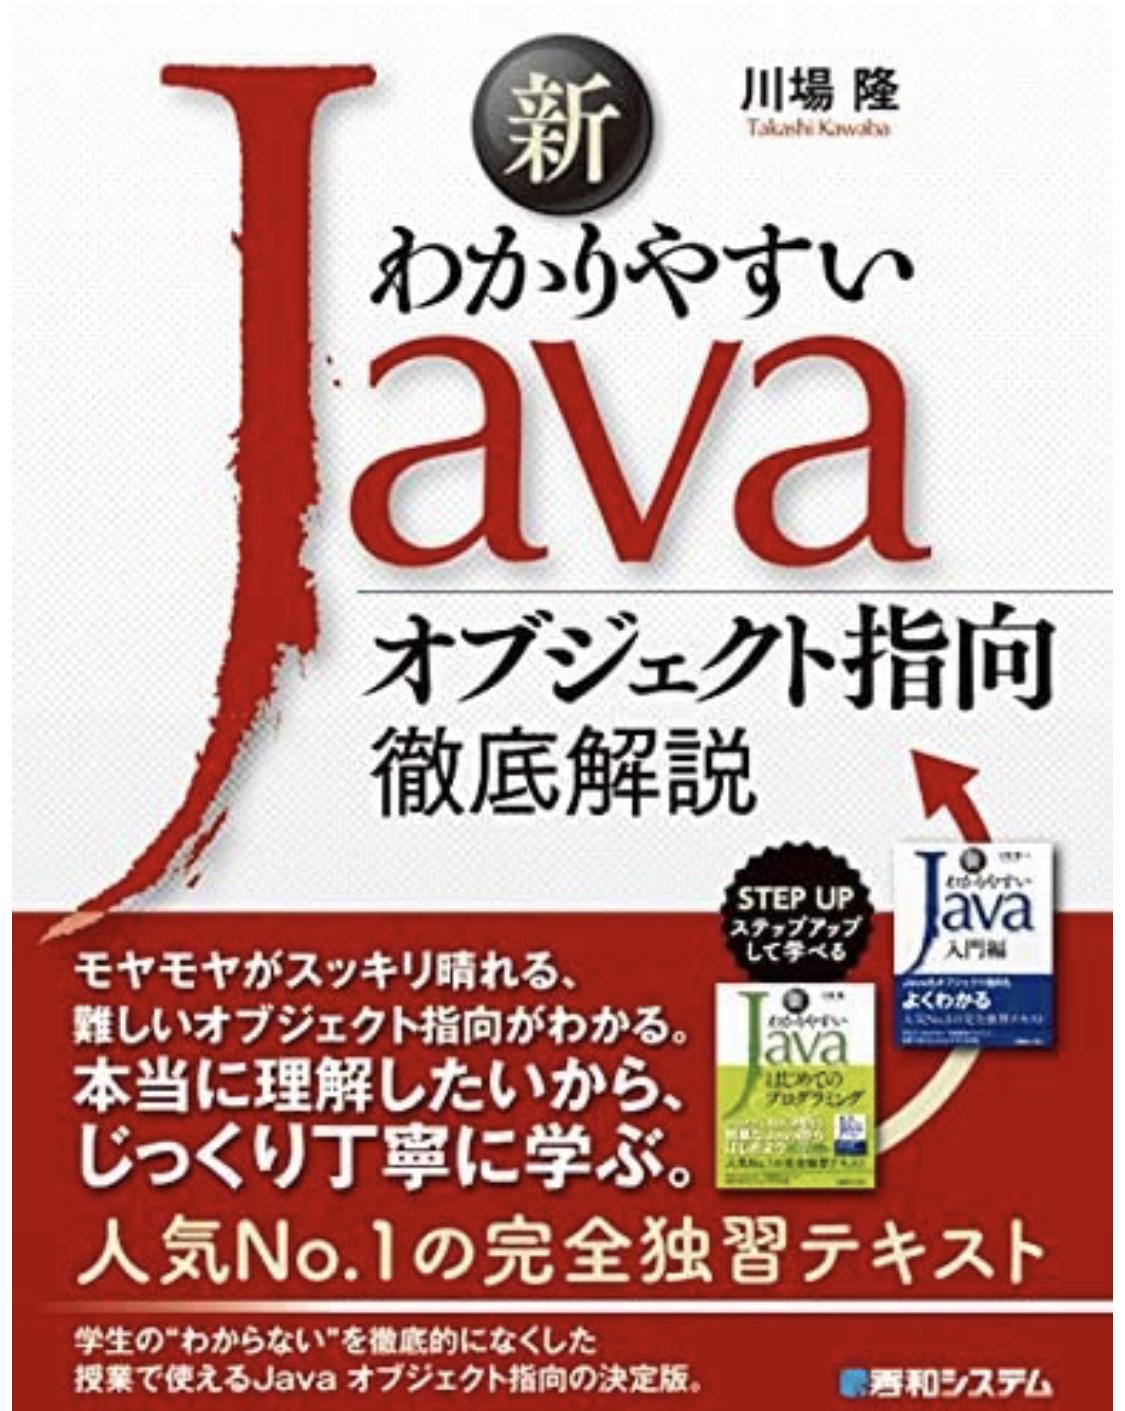 書籍「新わかりやすいJavaオブジェクト指向徹底解説」の画像